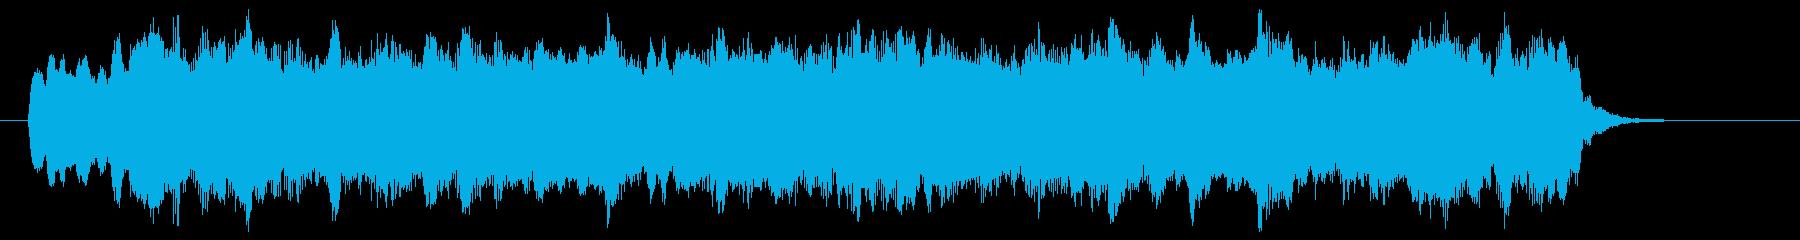 ディズニー風のショートBGM、ジングルの再生済みの波形